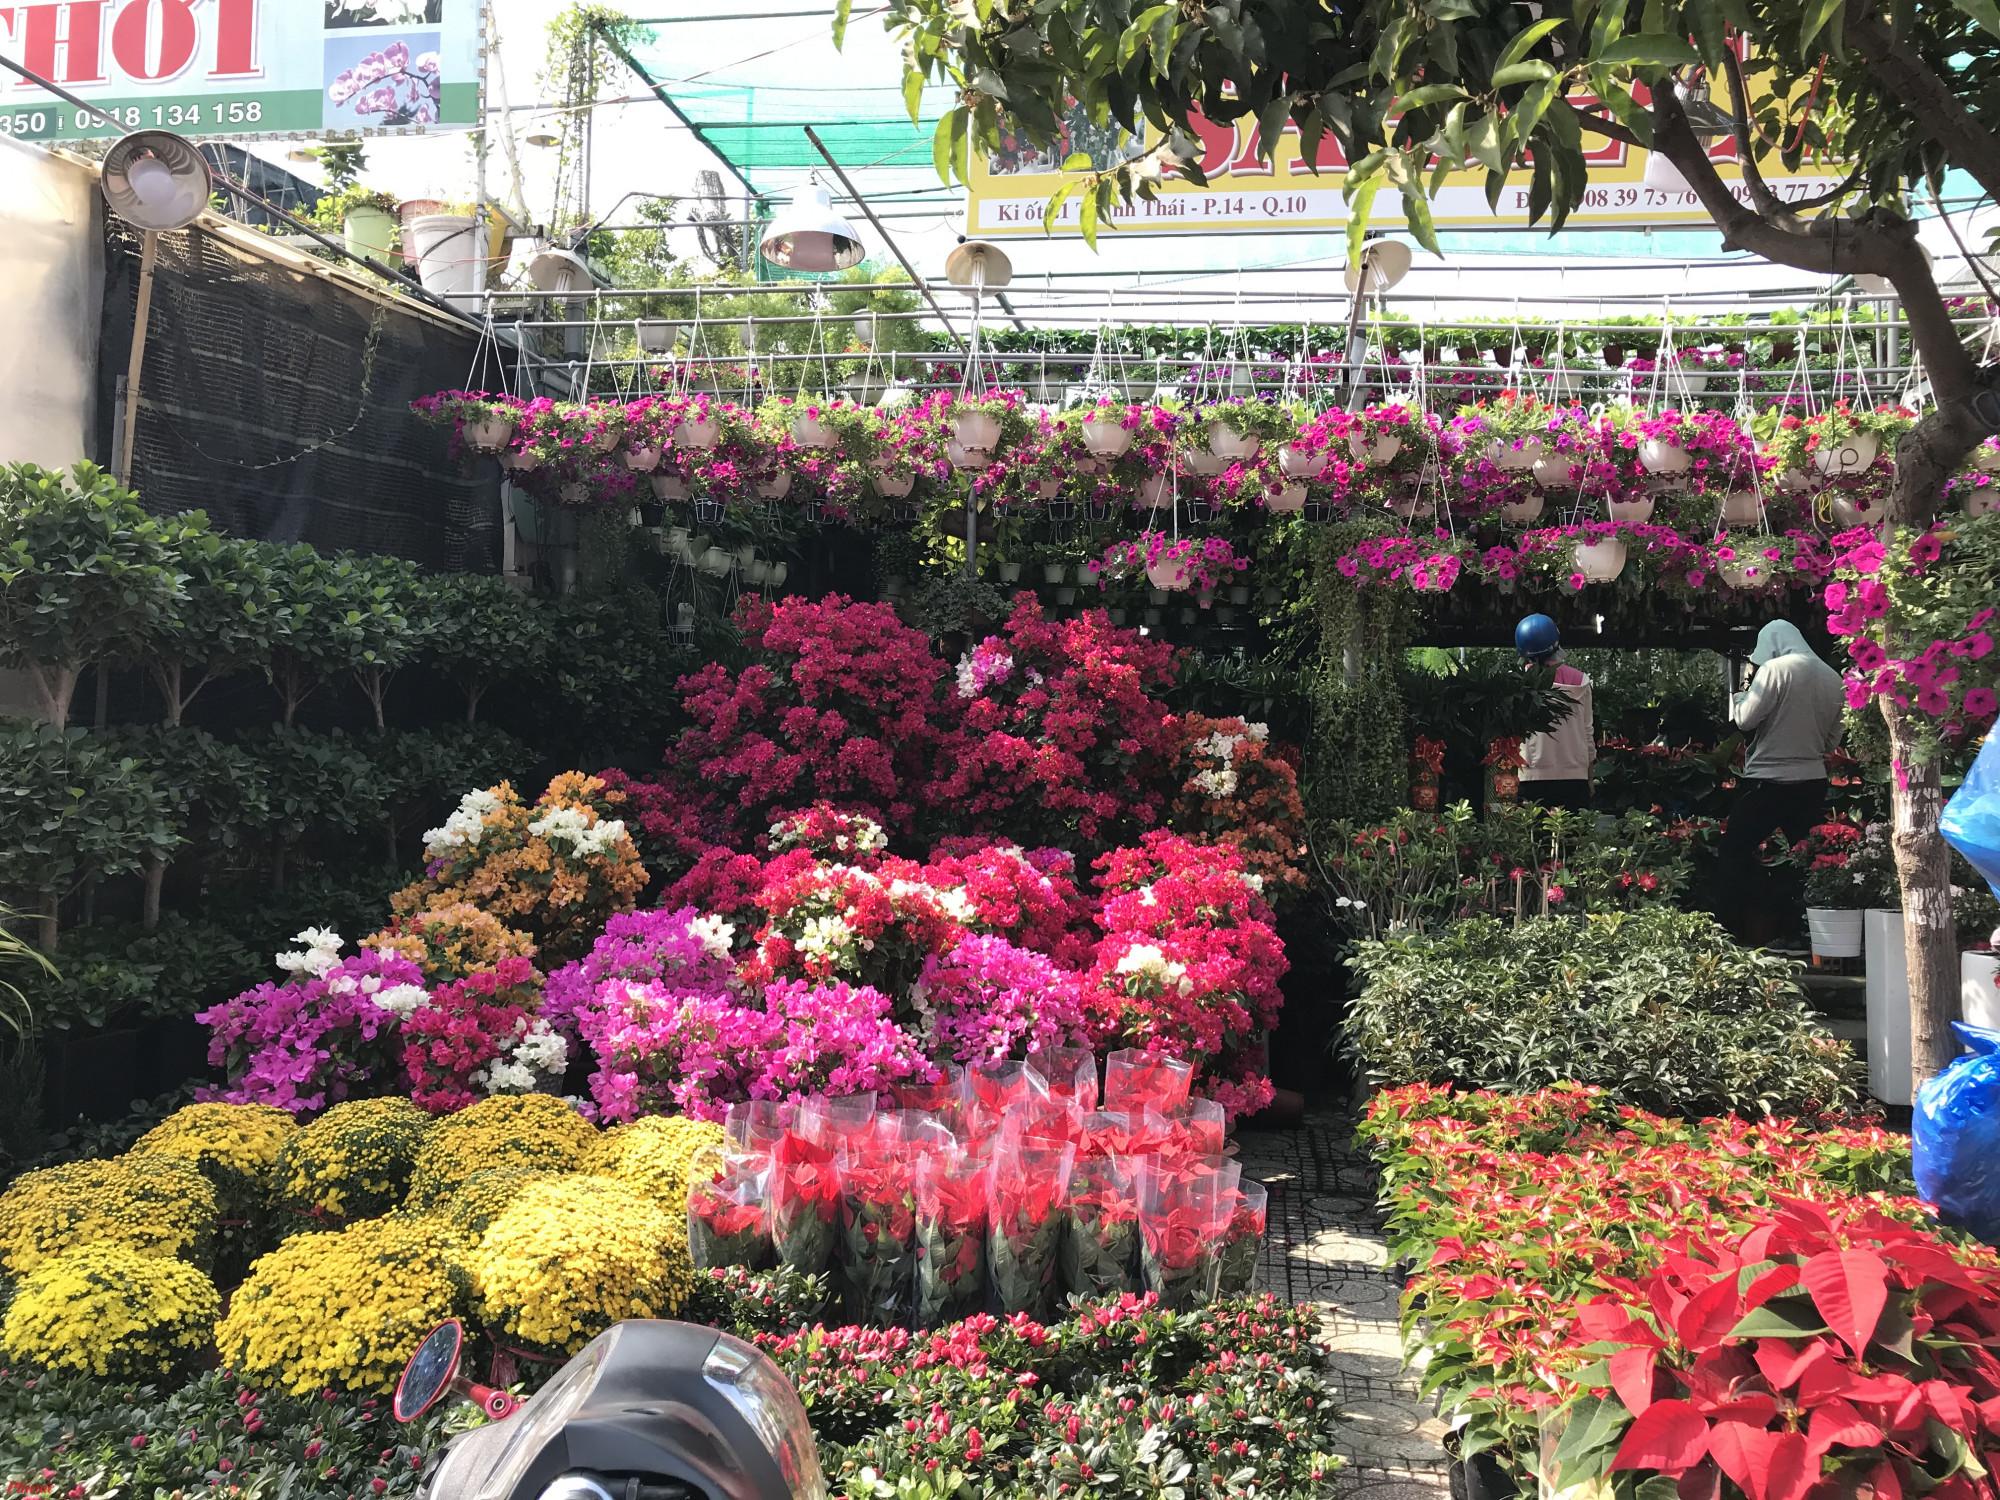 Cùng với các loại hoa truyền thống trong nước phục vụ Tết, các loại hoa ngoại đắt tiền cũng bắt đầu tràn về TPHCM như: đào đông, mai Mỹ, đào Sakura Nhật Bản,…hầu hết đối với các sản phẩm hoa Tết, nhiều cửa hàng hoa ngoại tại TPHCM hay Hà Nội đều chỉ nhận hàng từ 4-6 ngày, riêng một số loại hoa được thông báo sẽ không nhận sau ngày 24/1.